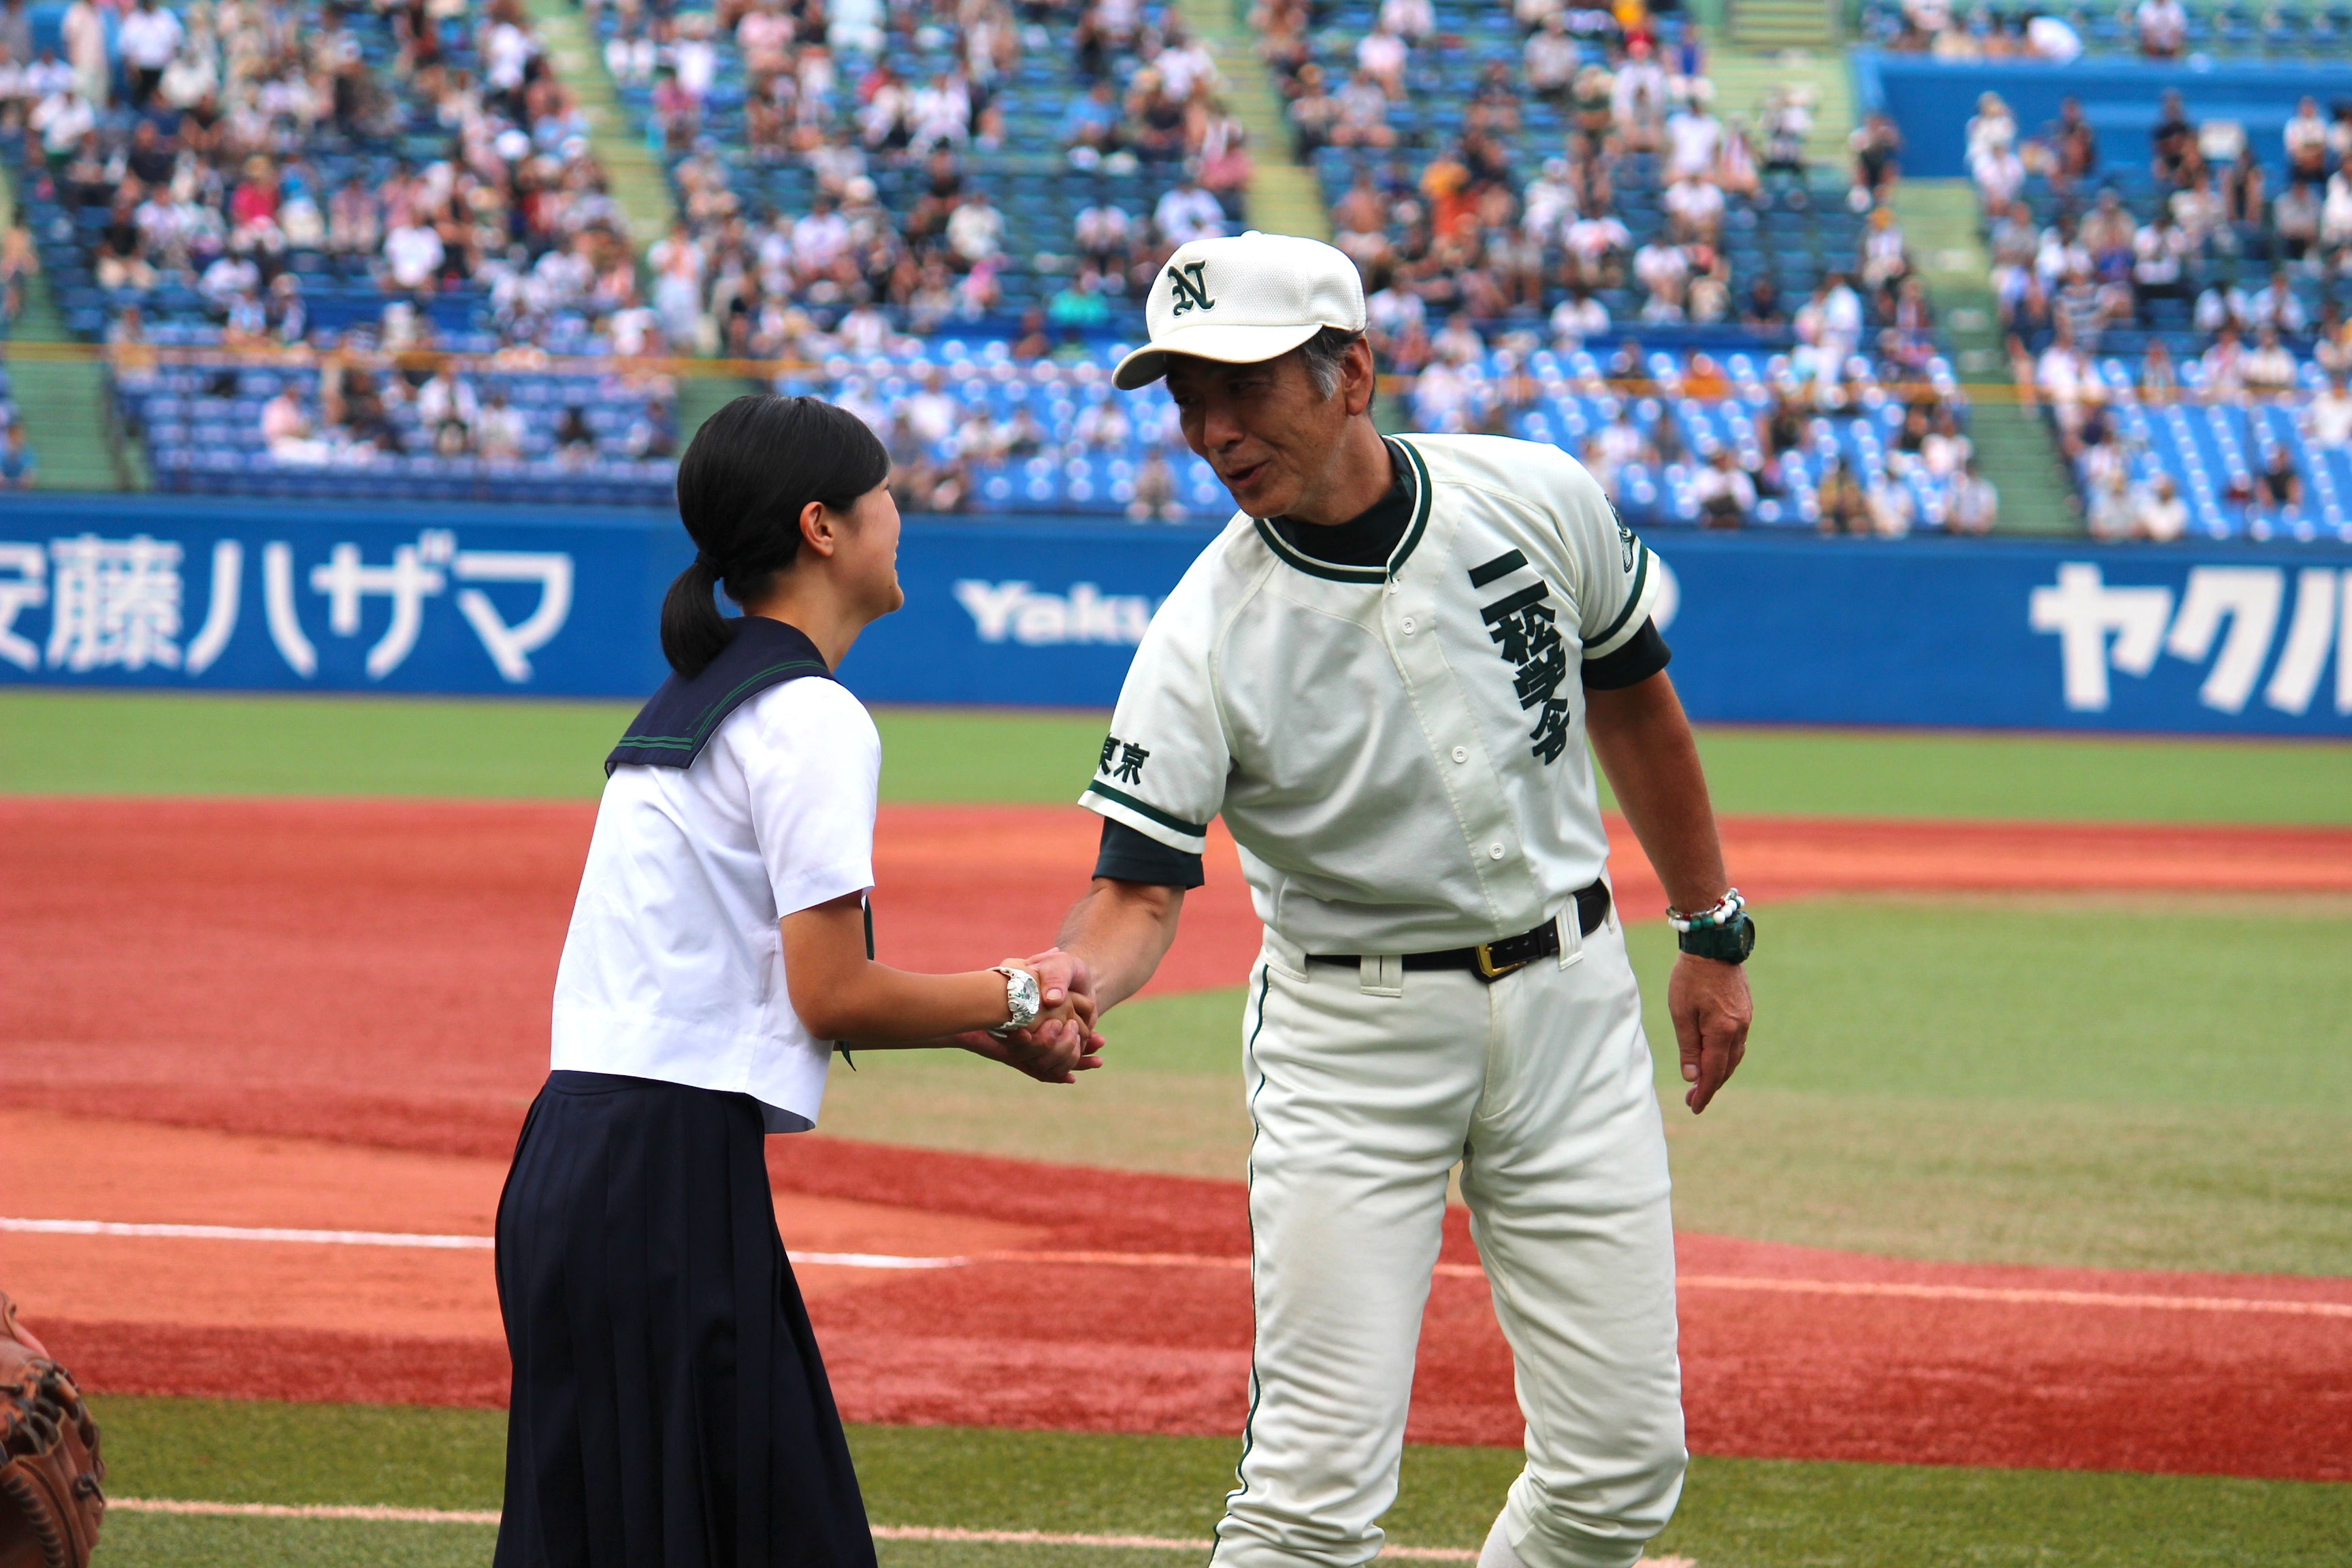 野球 二 松 学舎 部 高校